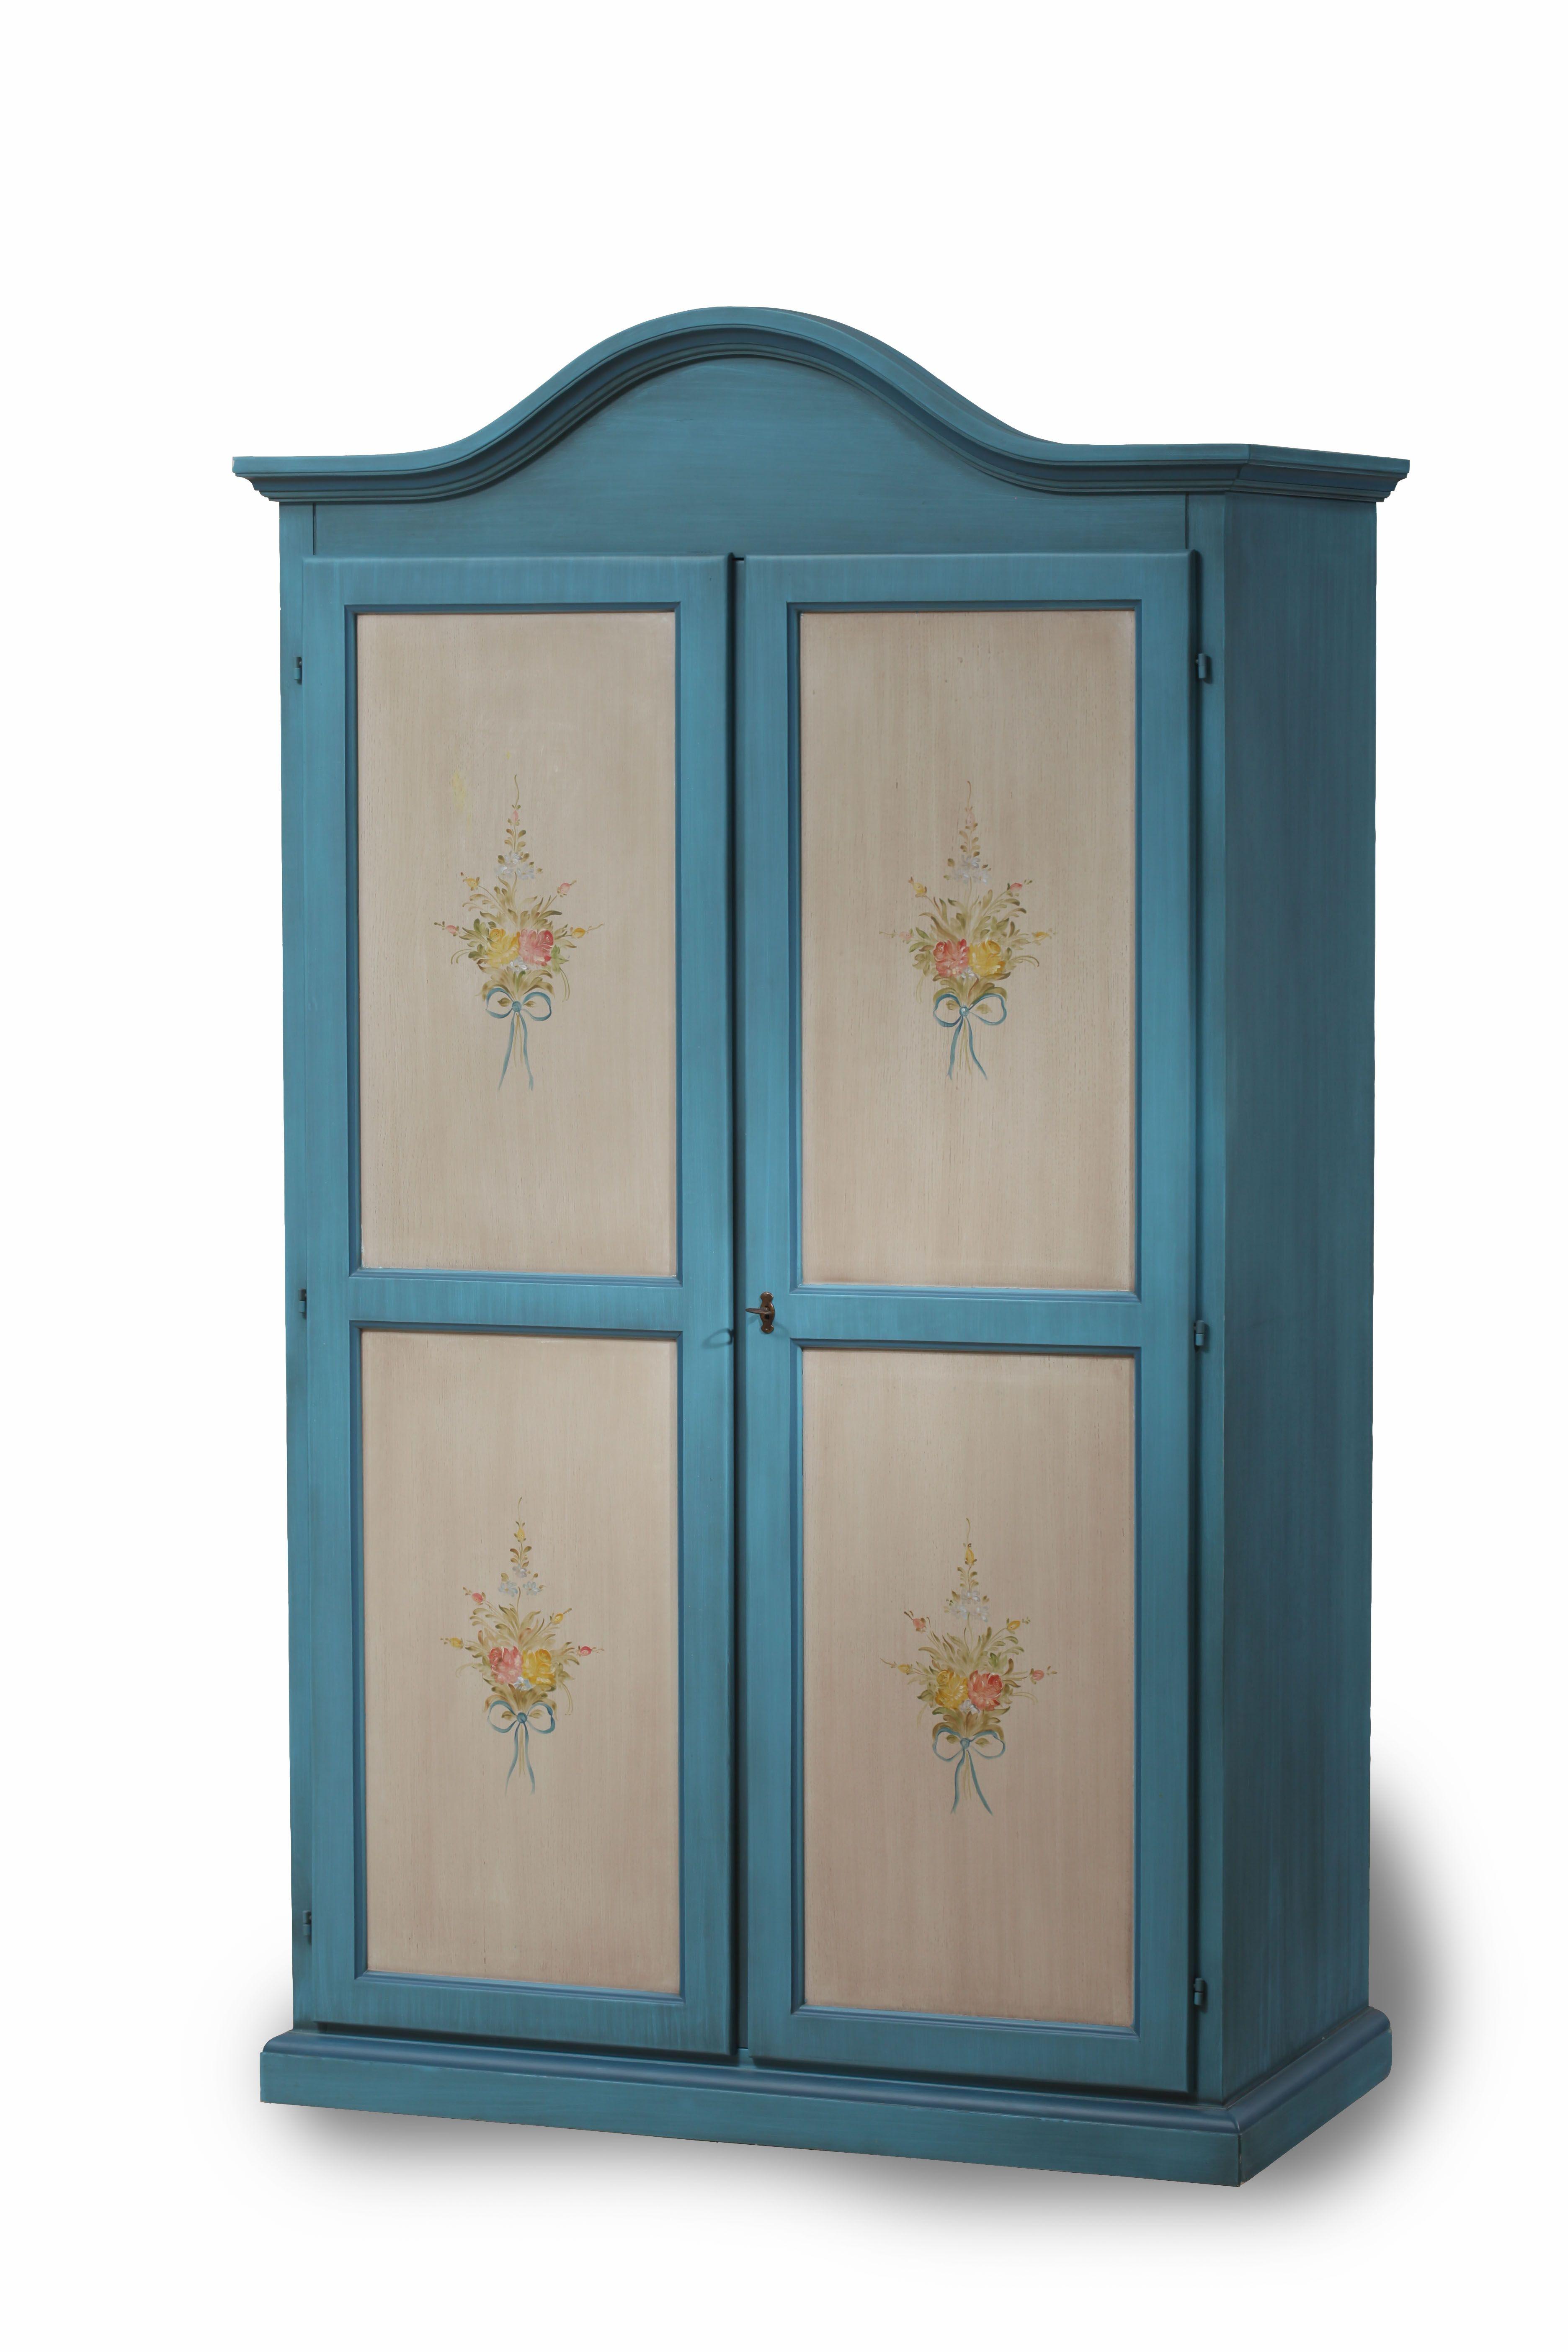 ART. 205 WADROBE 2 DOORS 120/60/205 Mediteraneo collection